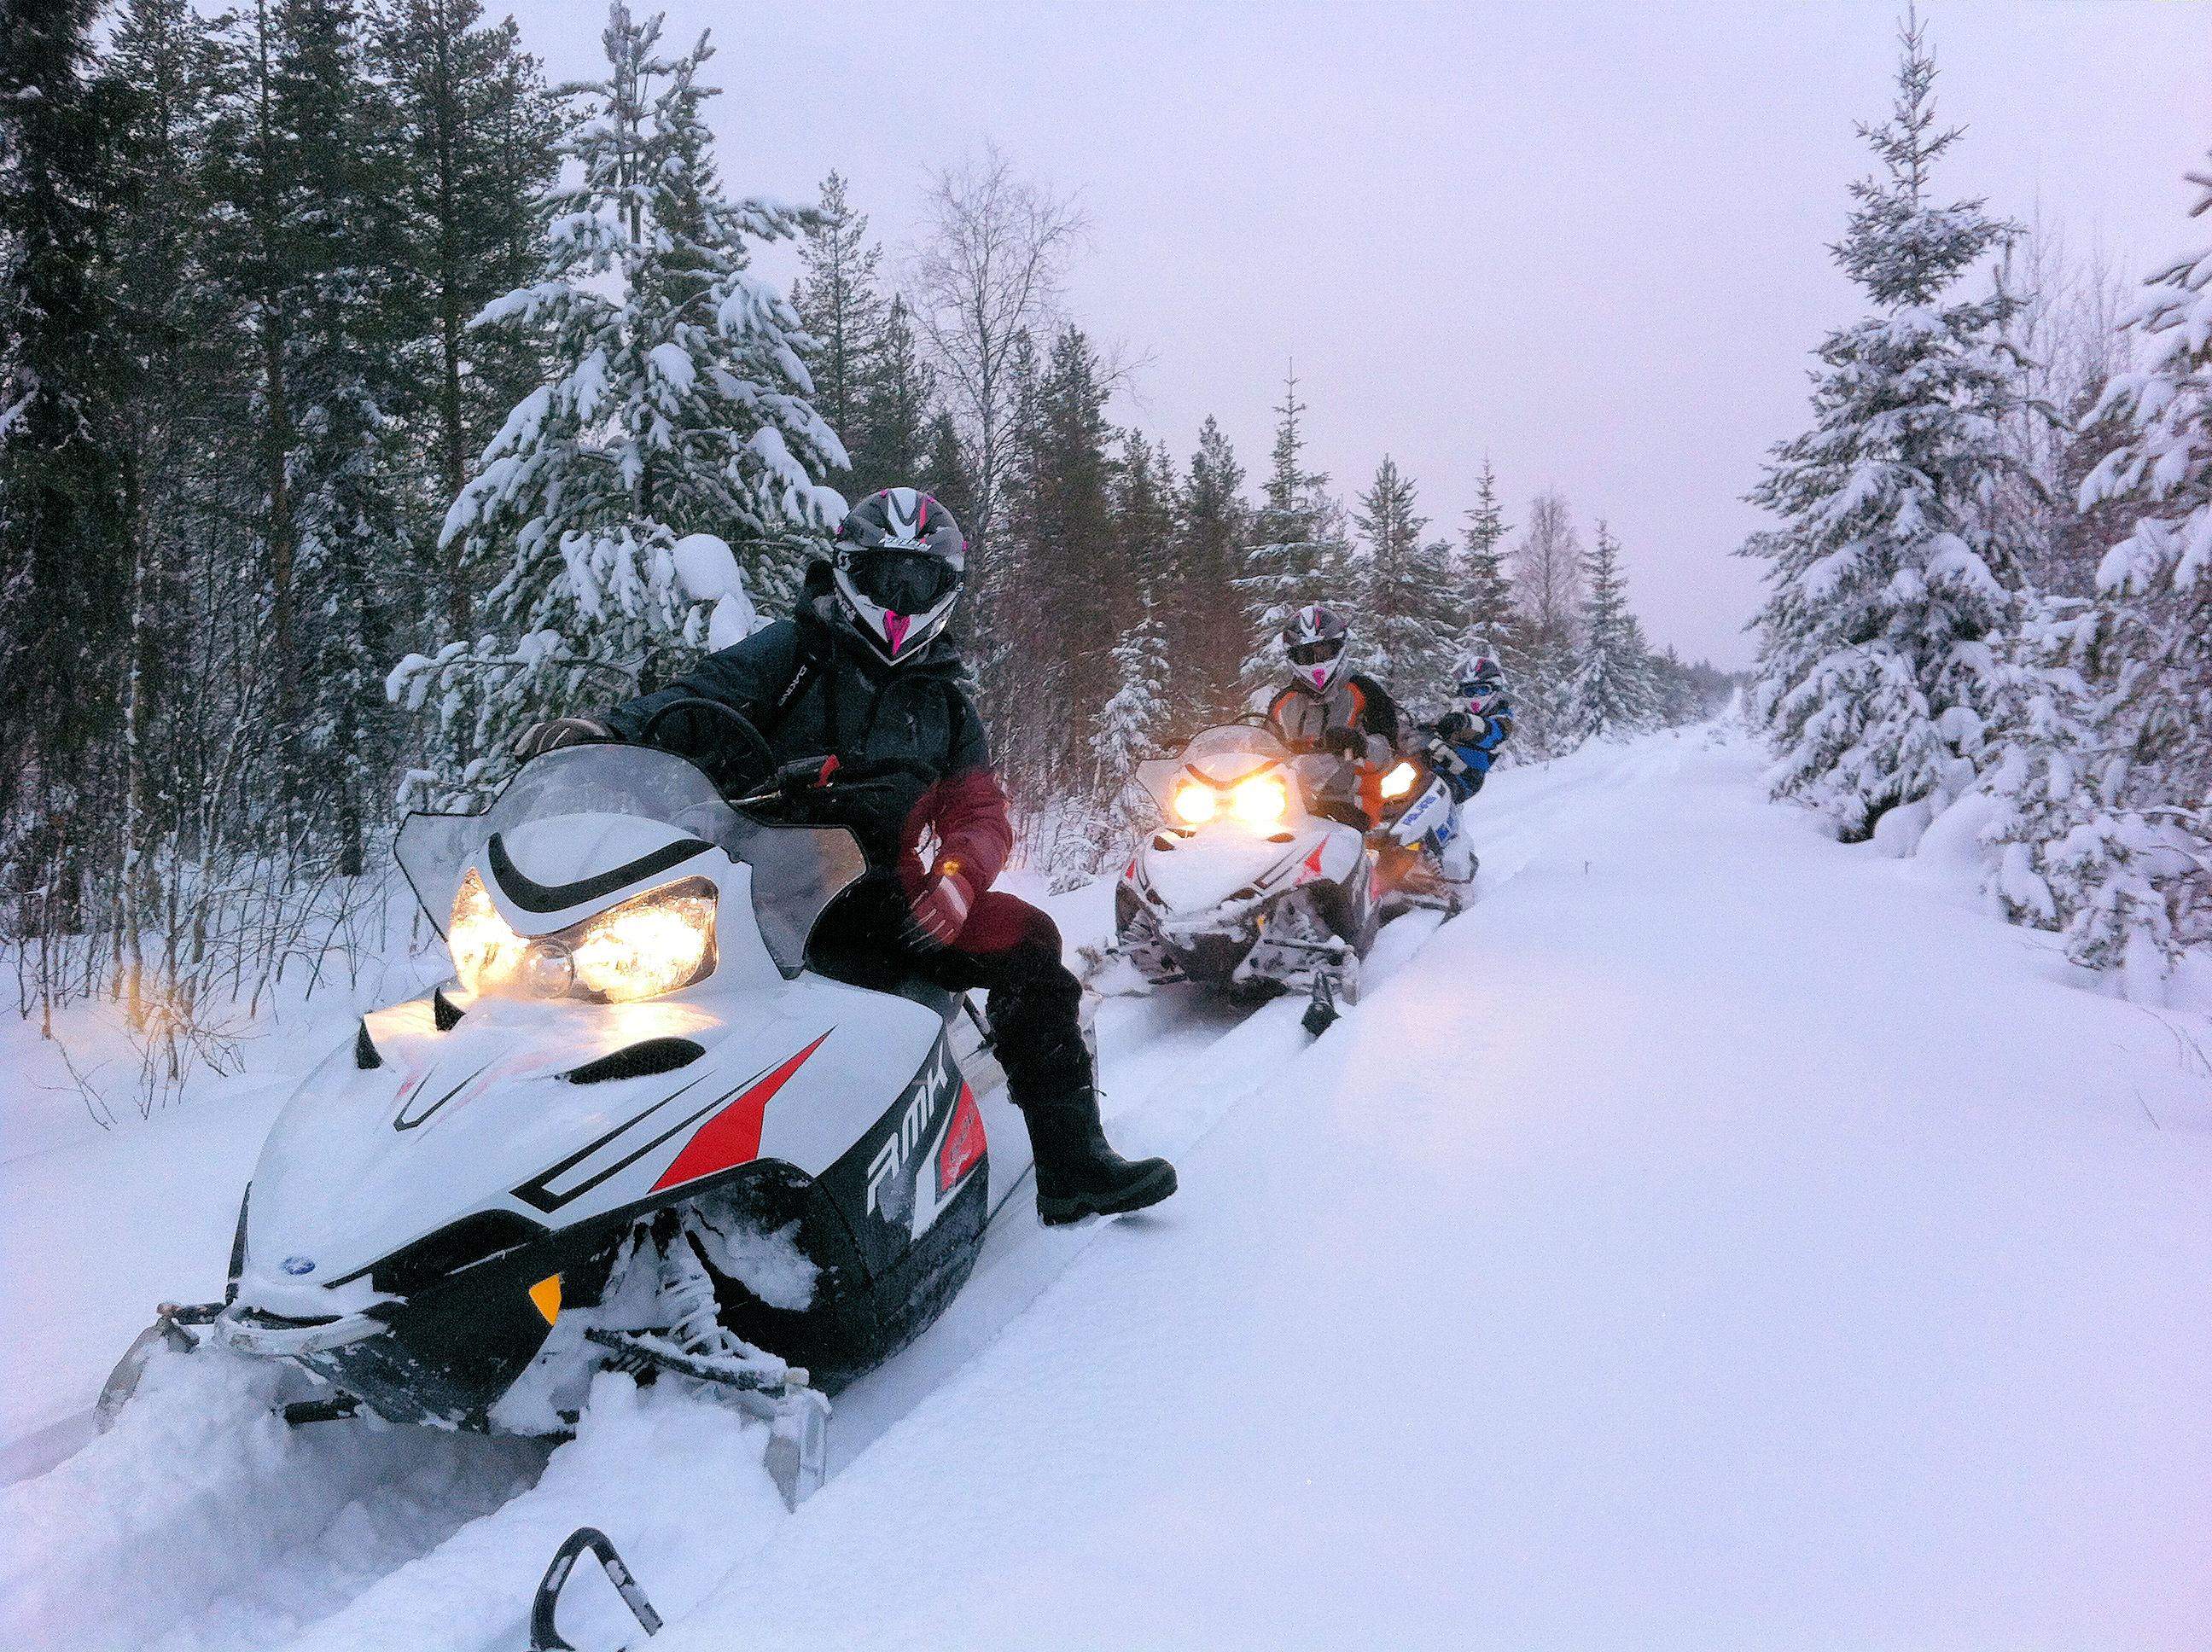 Sneeuwscooteren in Zweden!